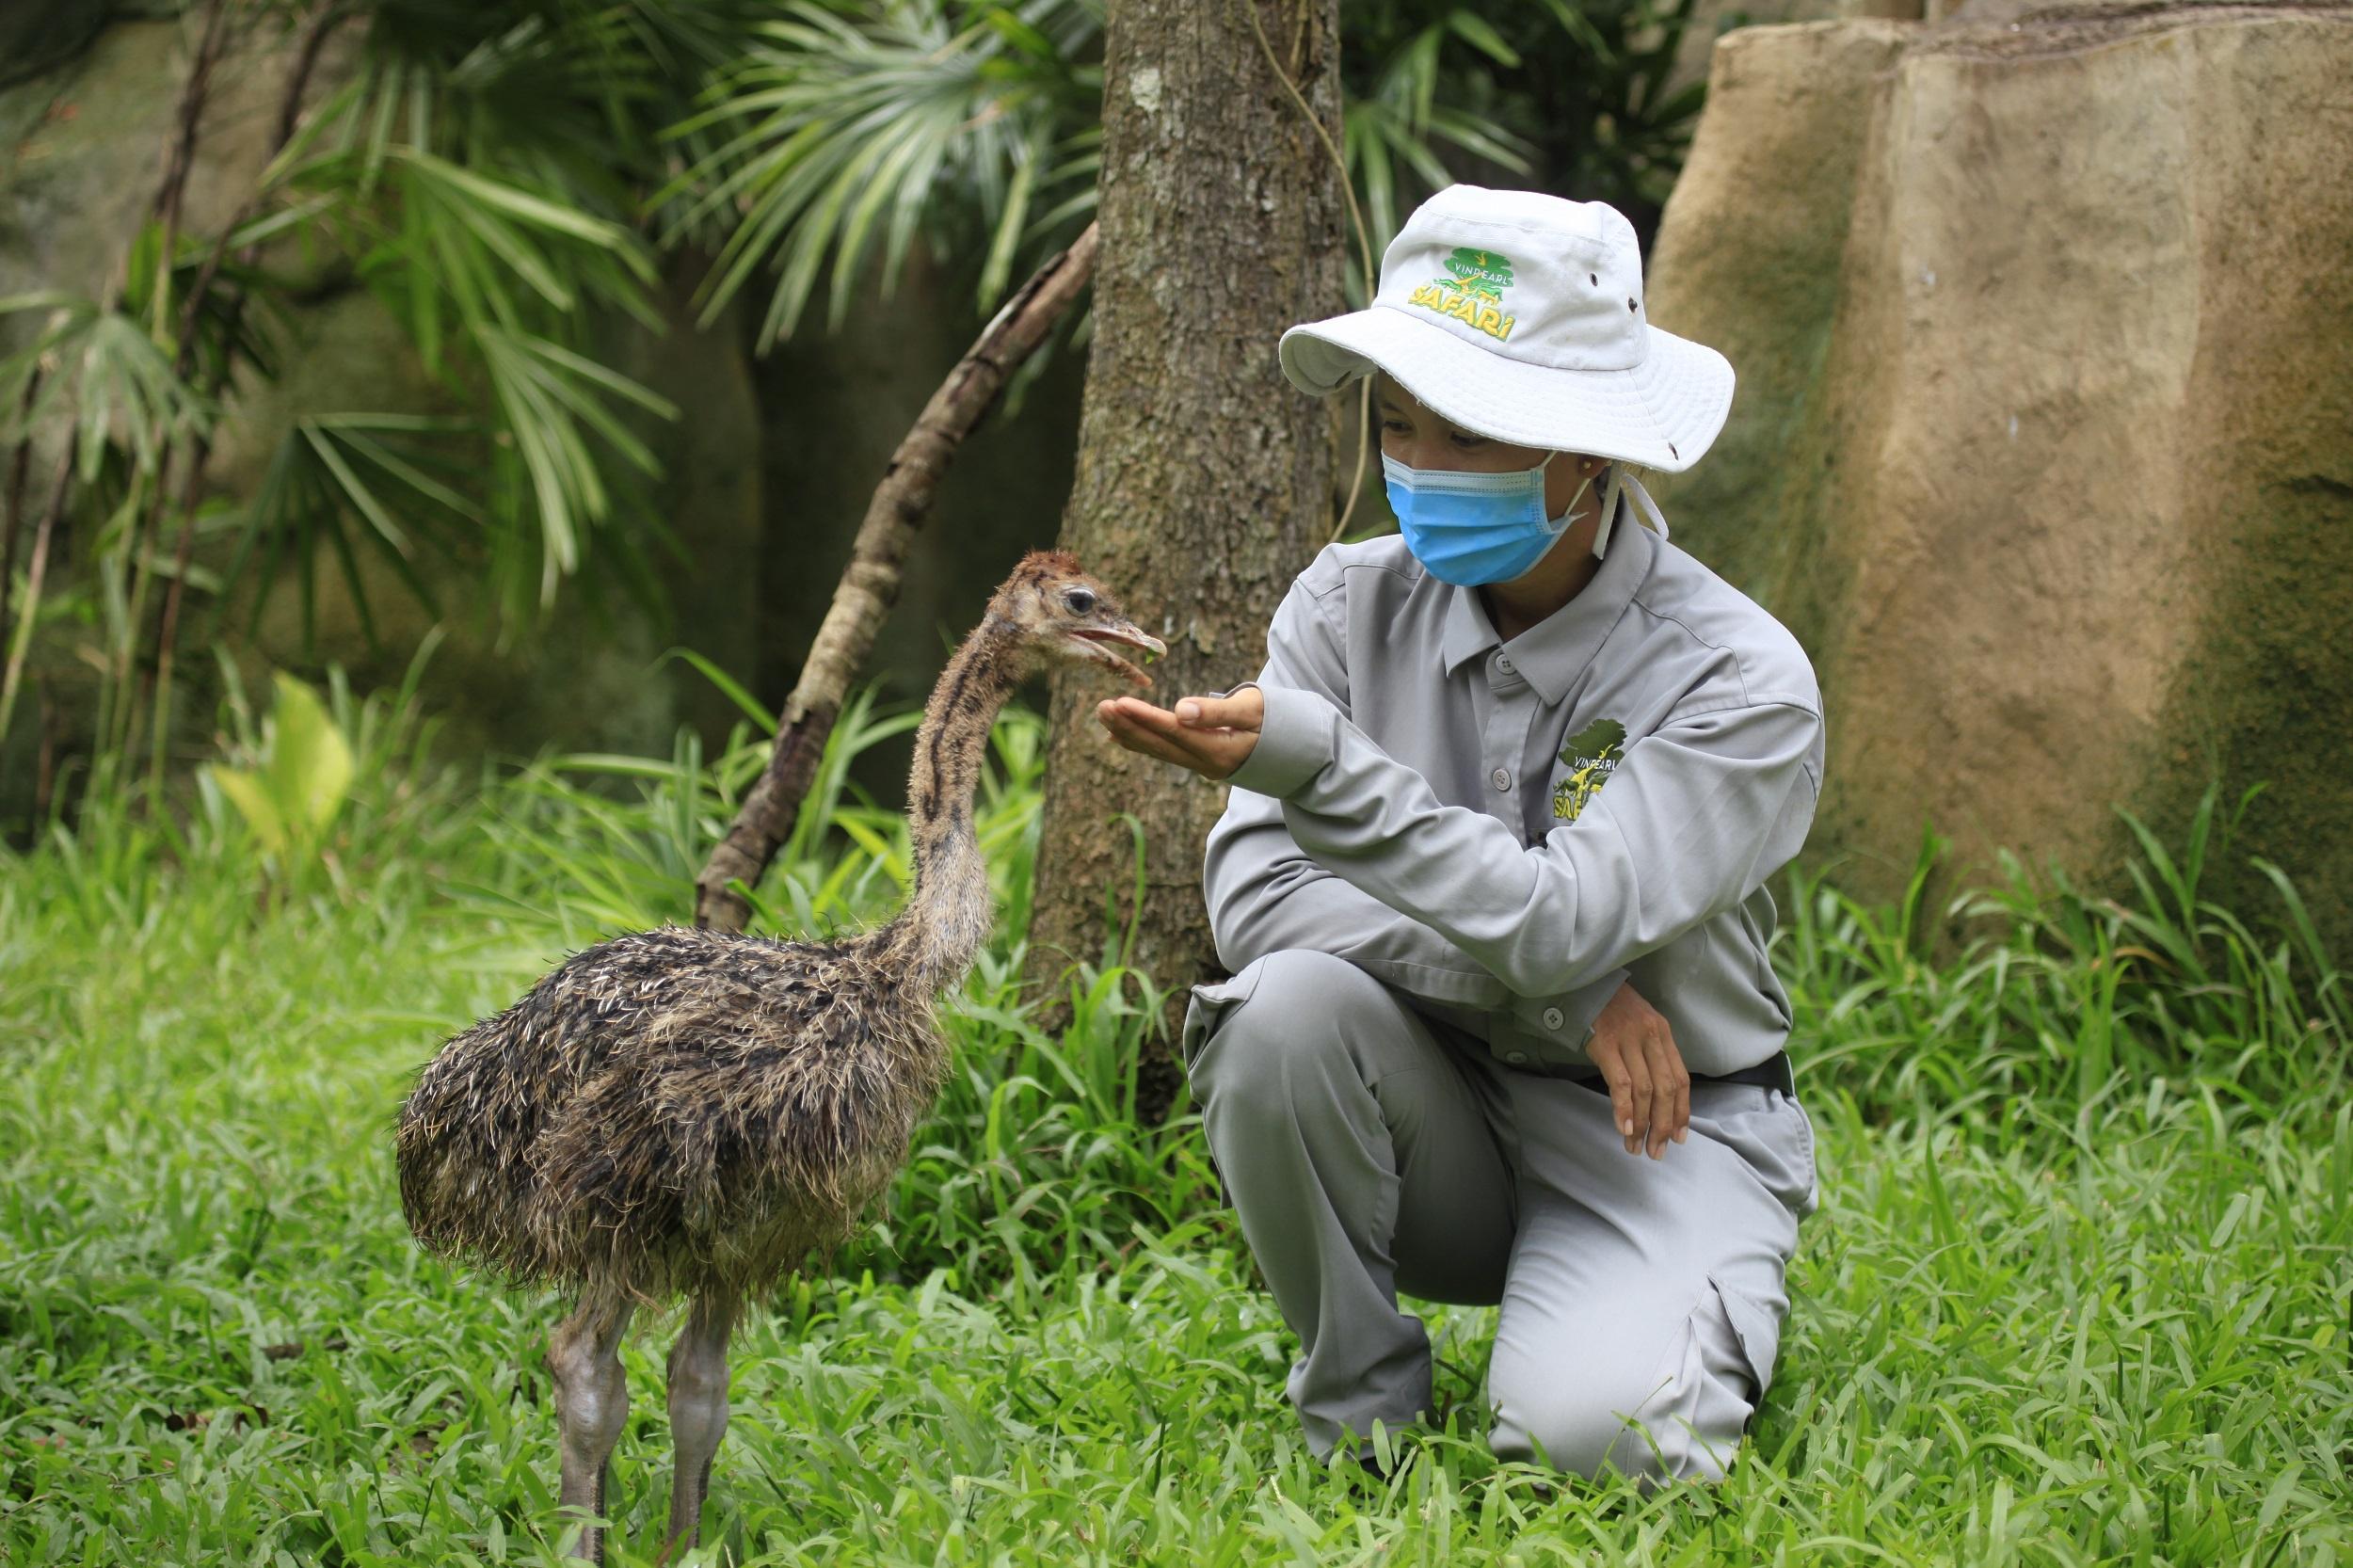 Vinpearl Safari Phu Quoc anh 4  - mg_4460 - Giữ trọn 'vùng xanh' hoang dã trên đảo ngọc